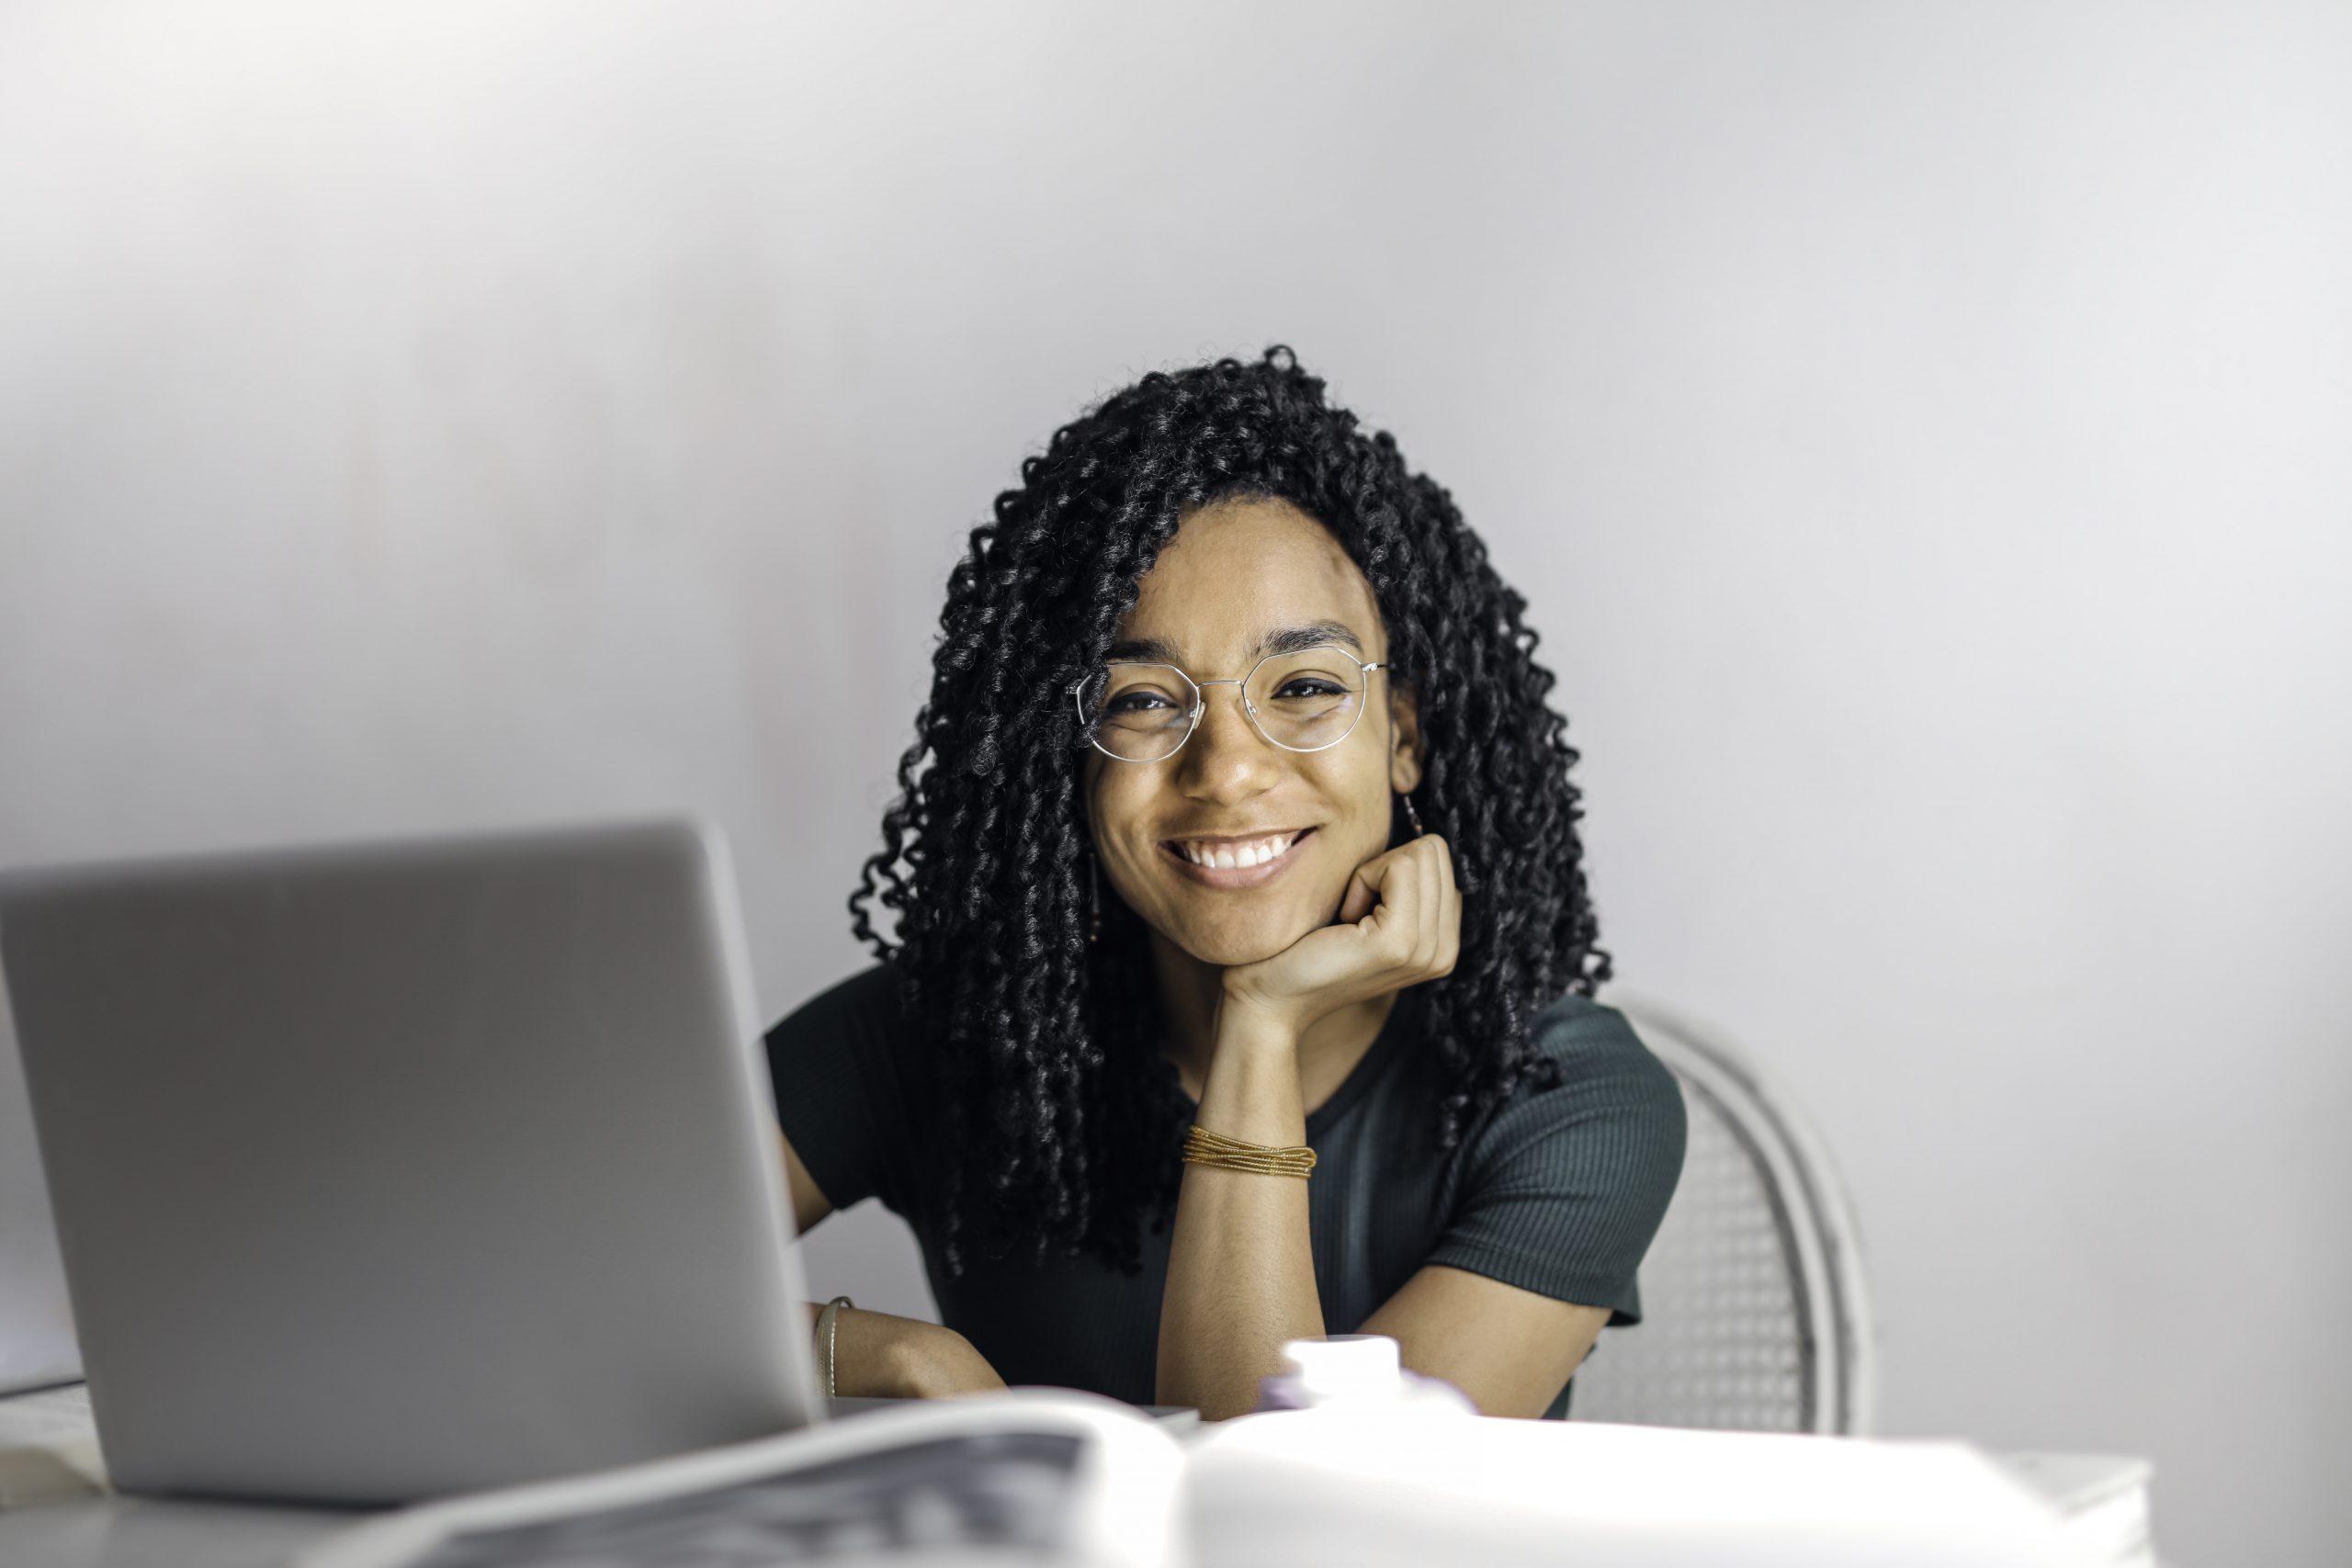 Hoe ziet je toekomst als freelancer eruit?